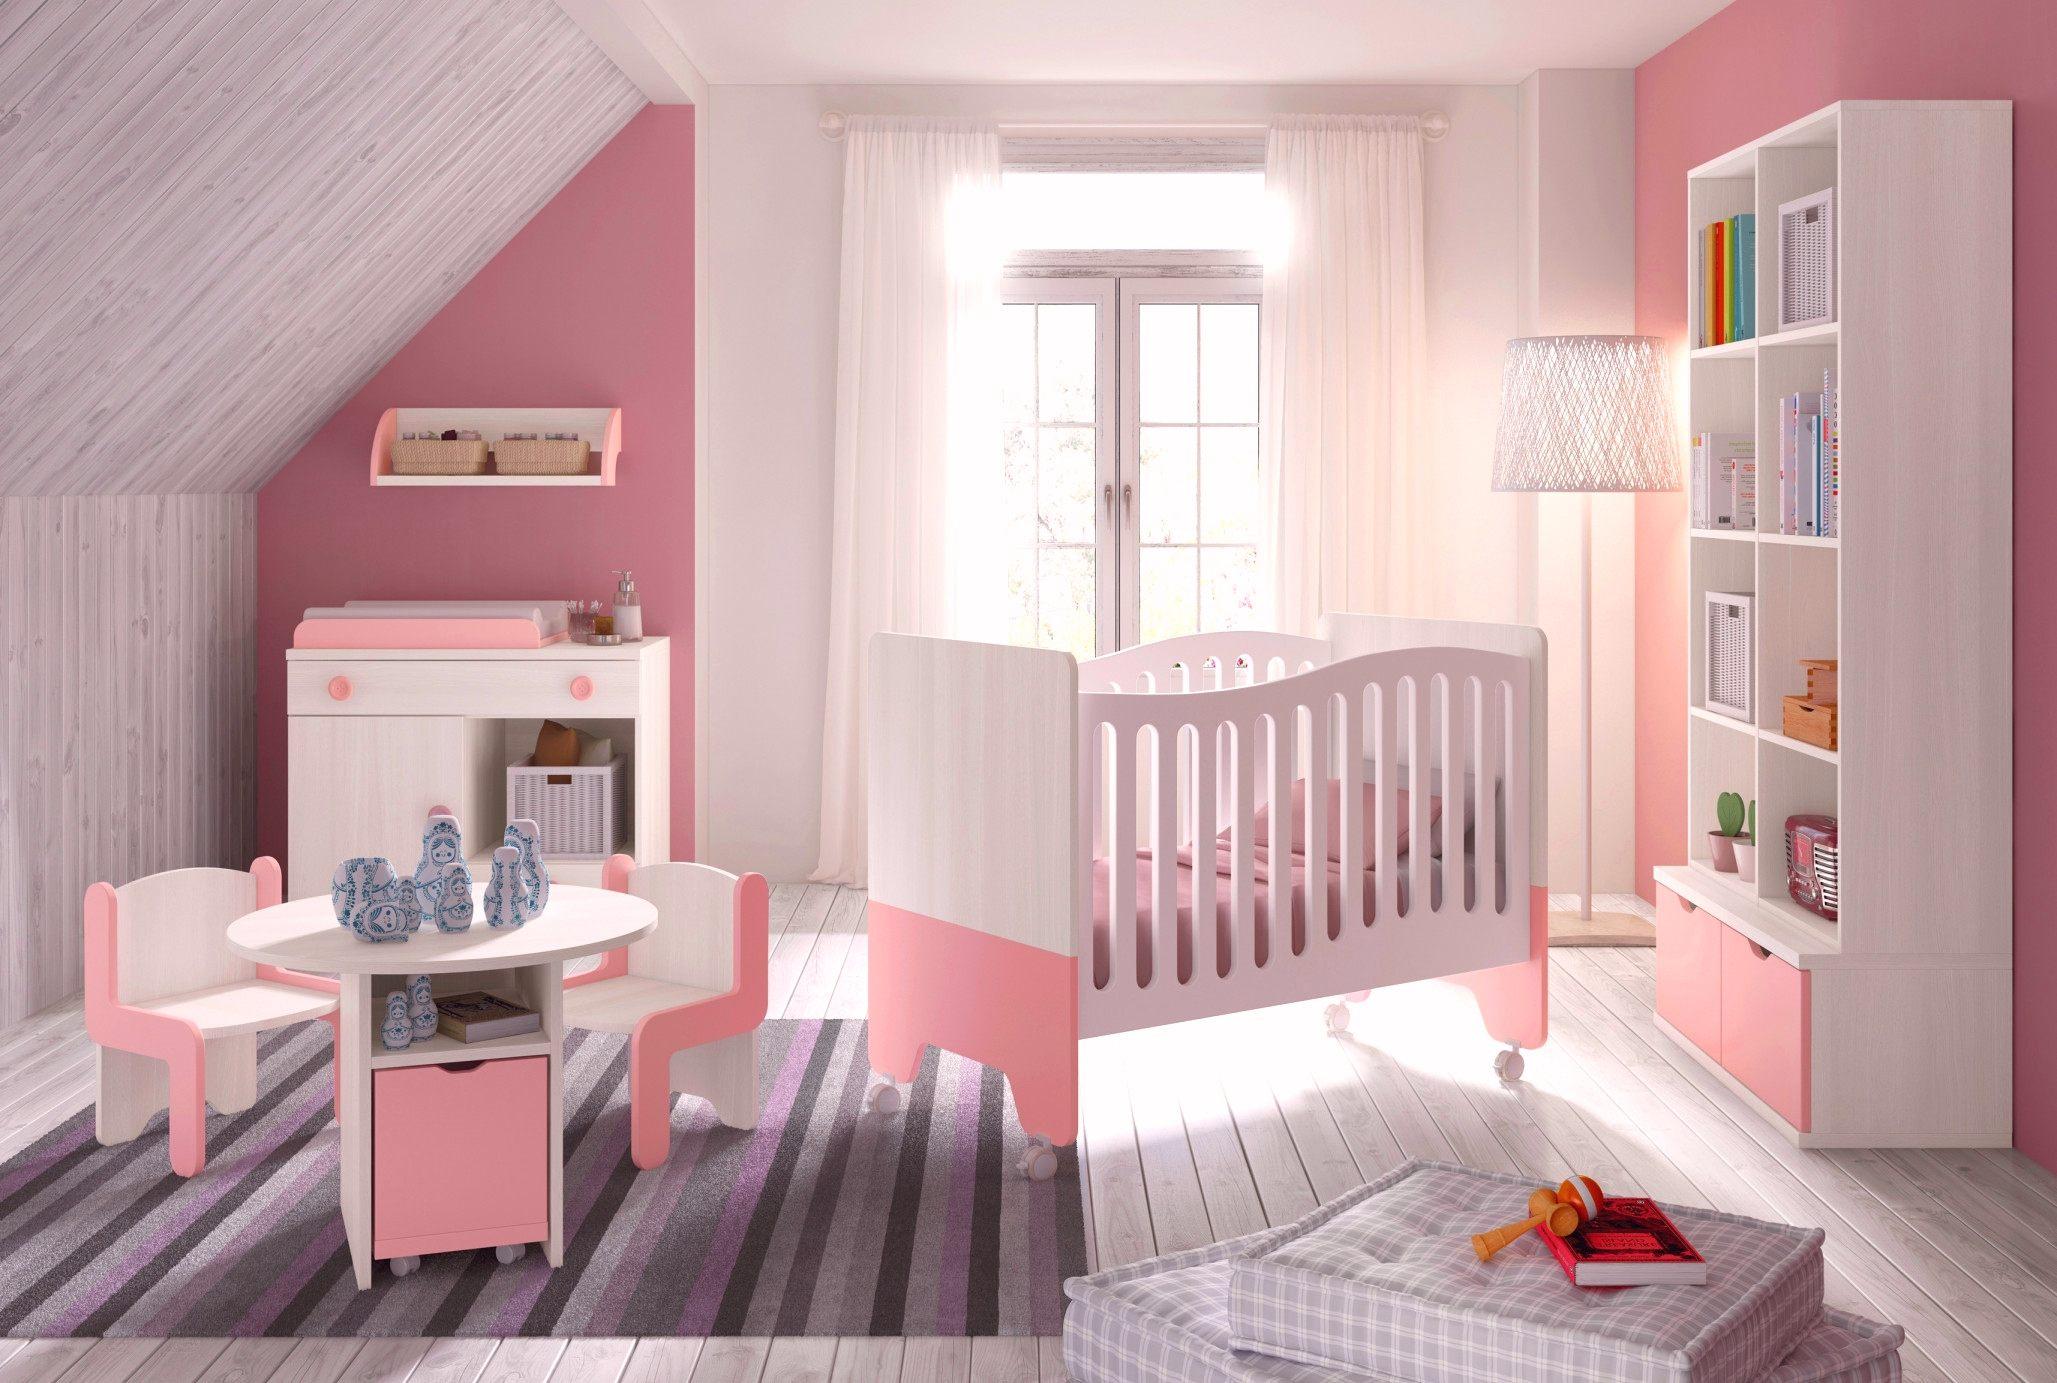 Lit Enfant Empilable Frais Chambre Fille Bebe Unique Mobilier Chambre Enfant Simple Lit with